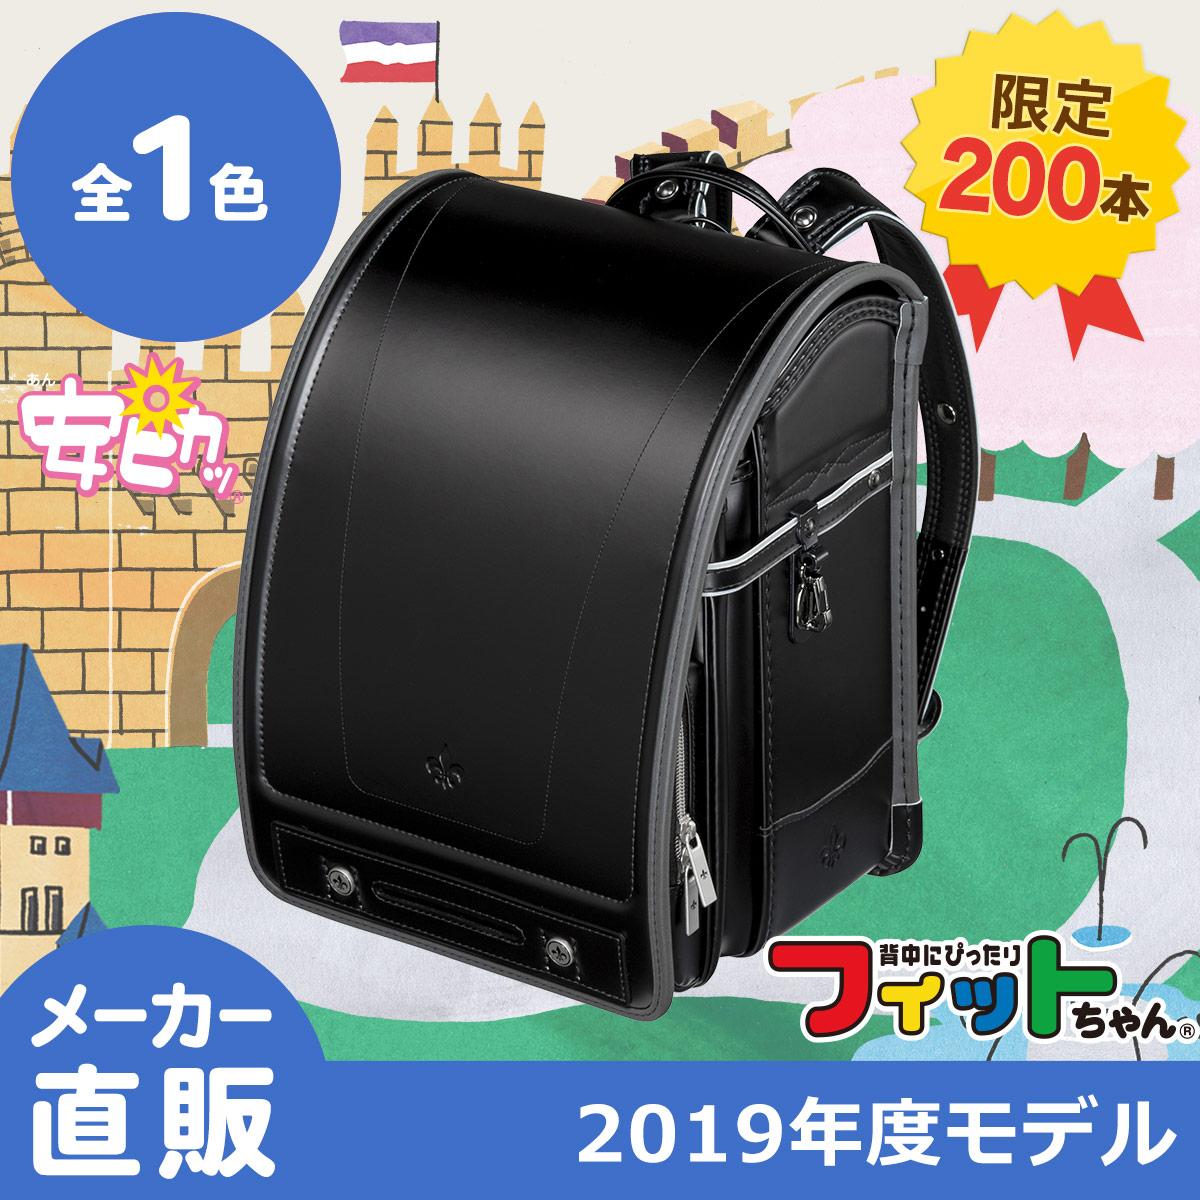 プレミアムフィットちゃん グランナイトブラック(FIT-231AZ)2019年モデル ランドセルA4フラットファイル収納サイズ